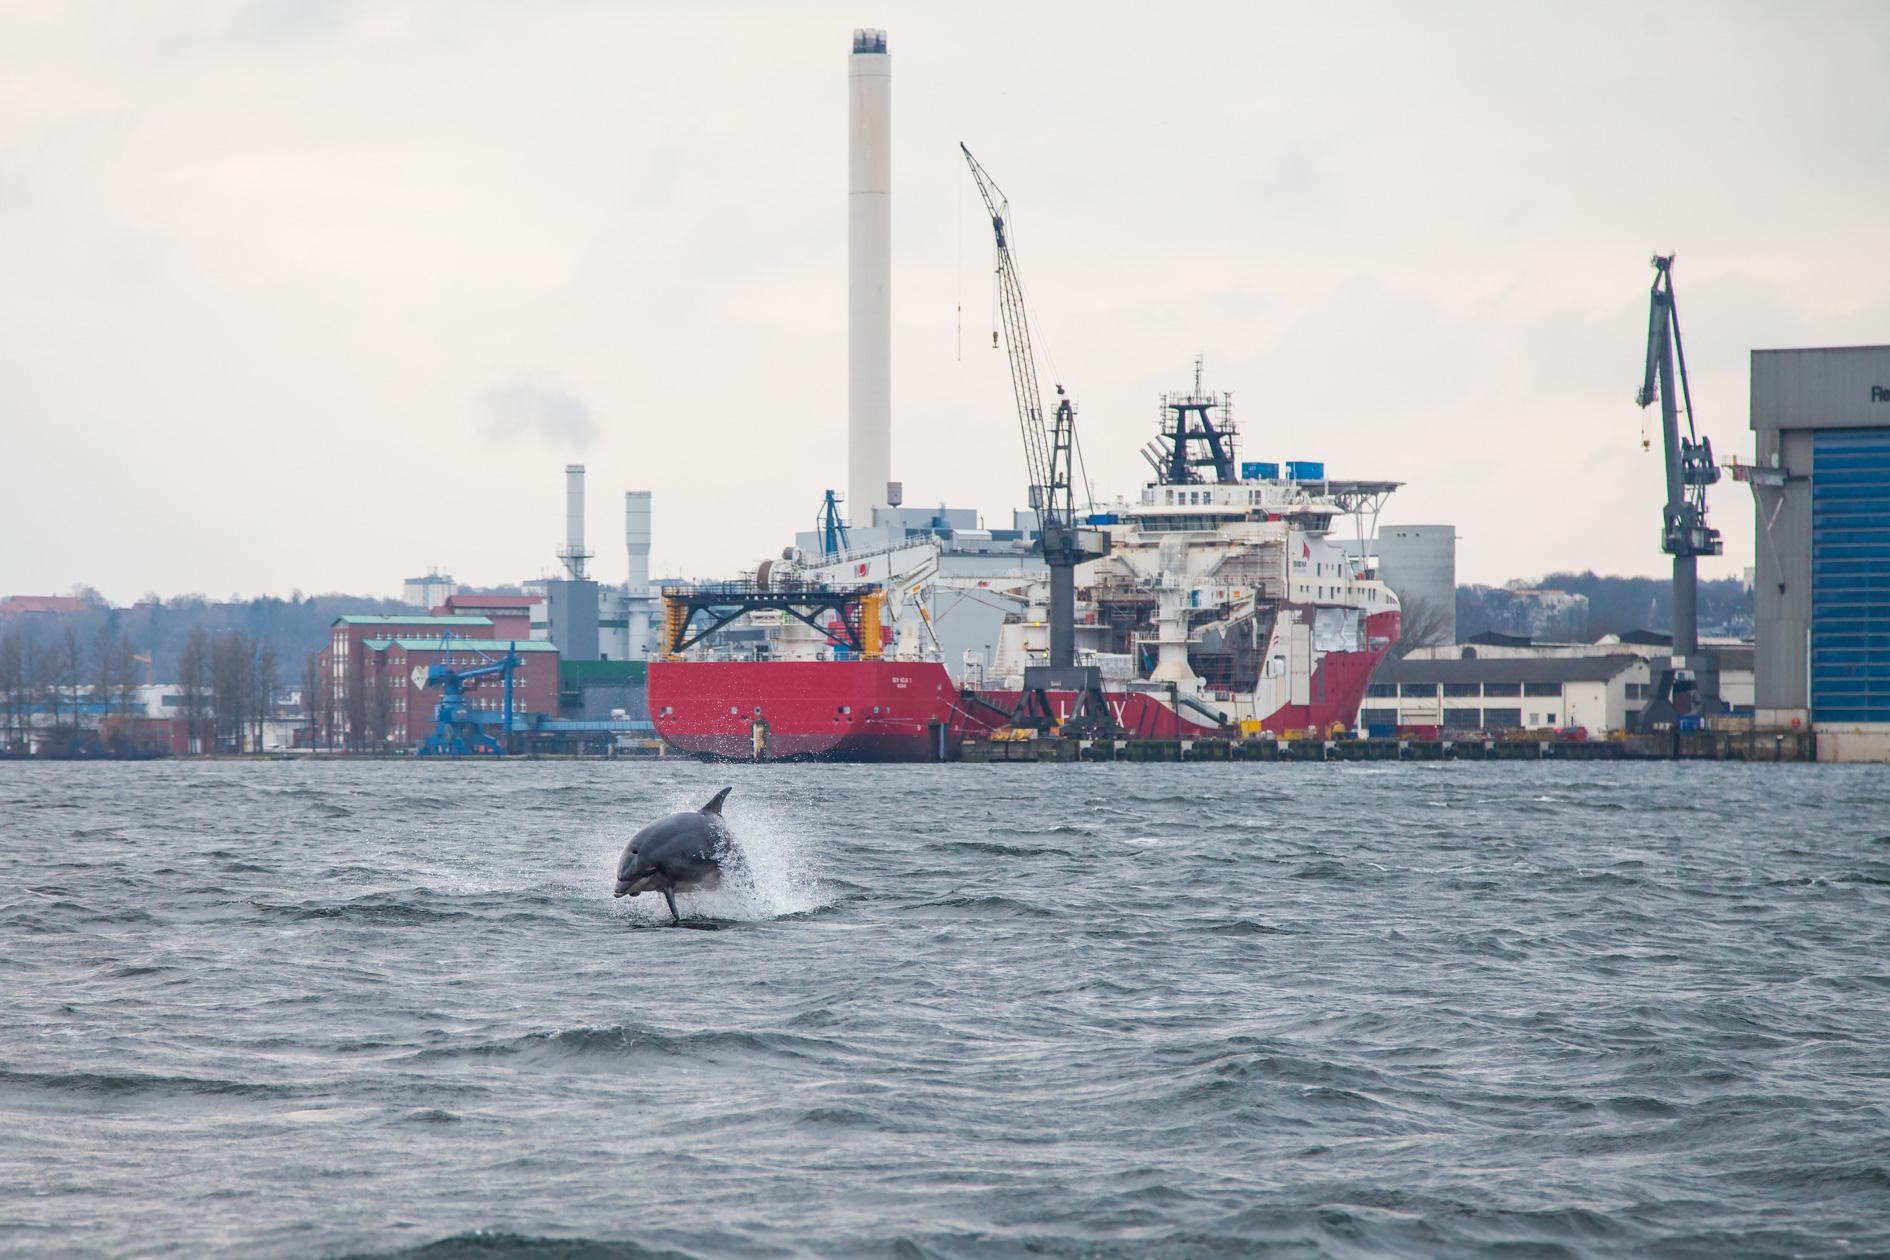 Delfin in Flensburger Förde